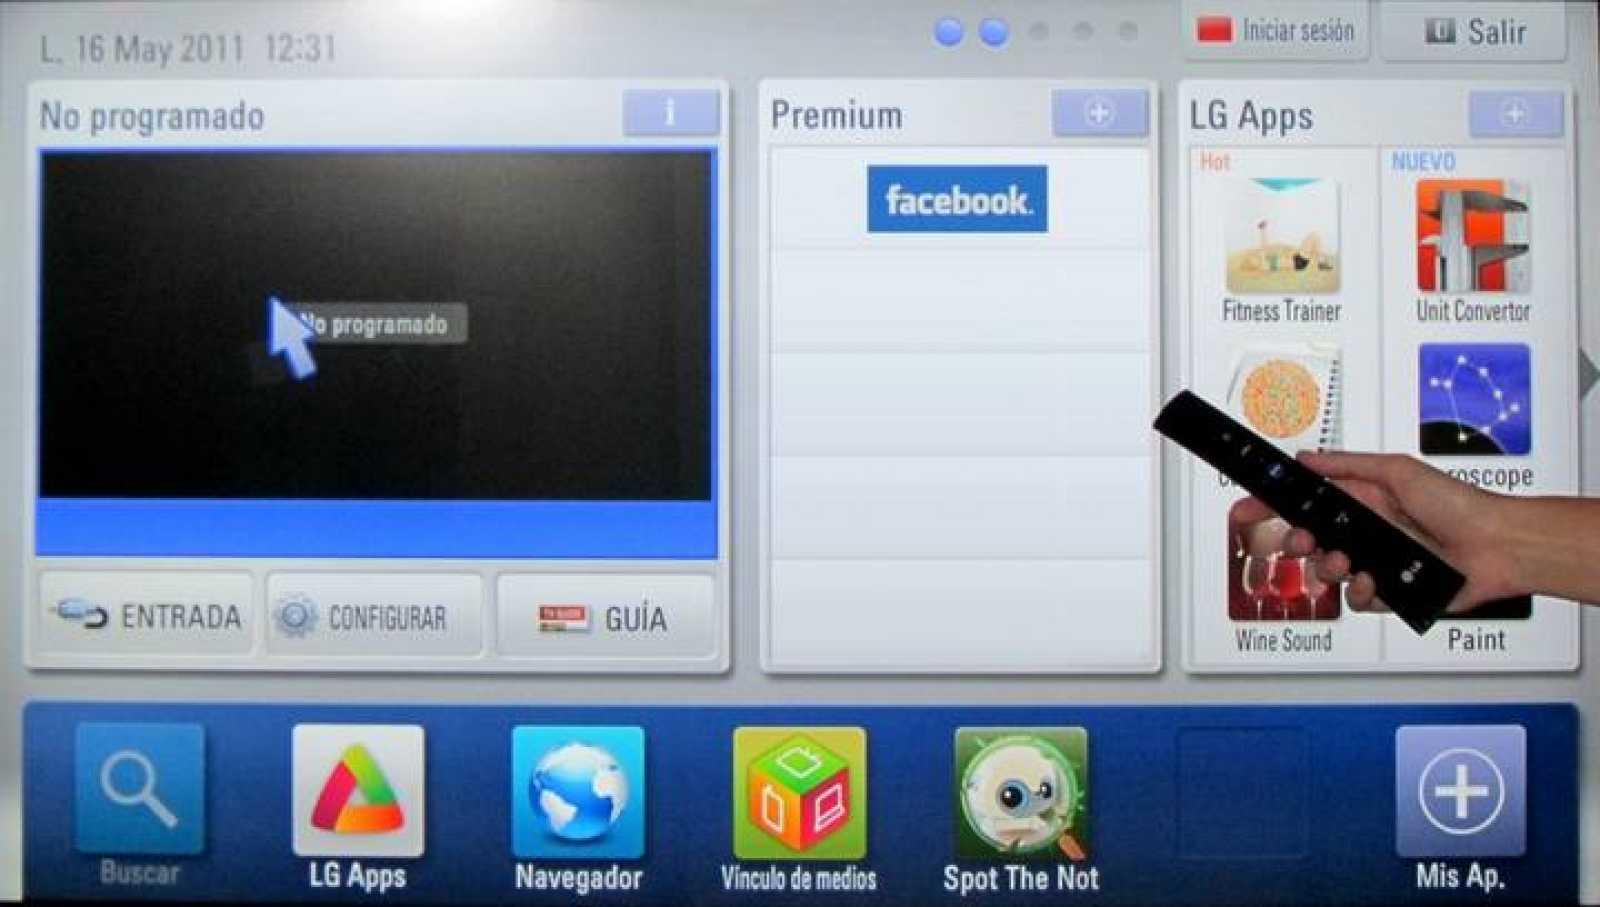 Además de juegos y utilidades, las aplicaciones sirven para acceder a contenidos y servicios de Internet